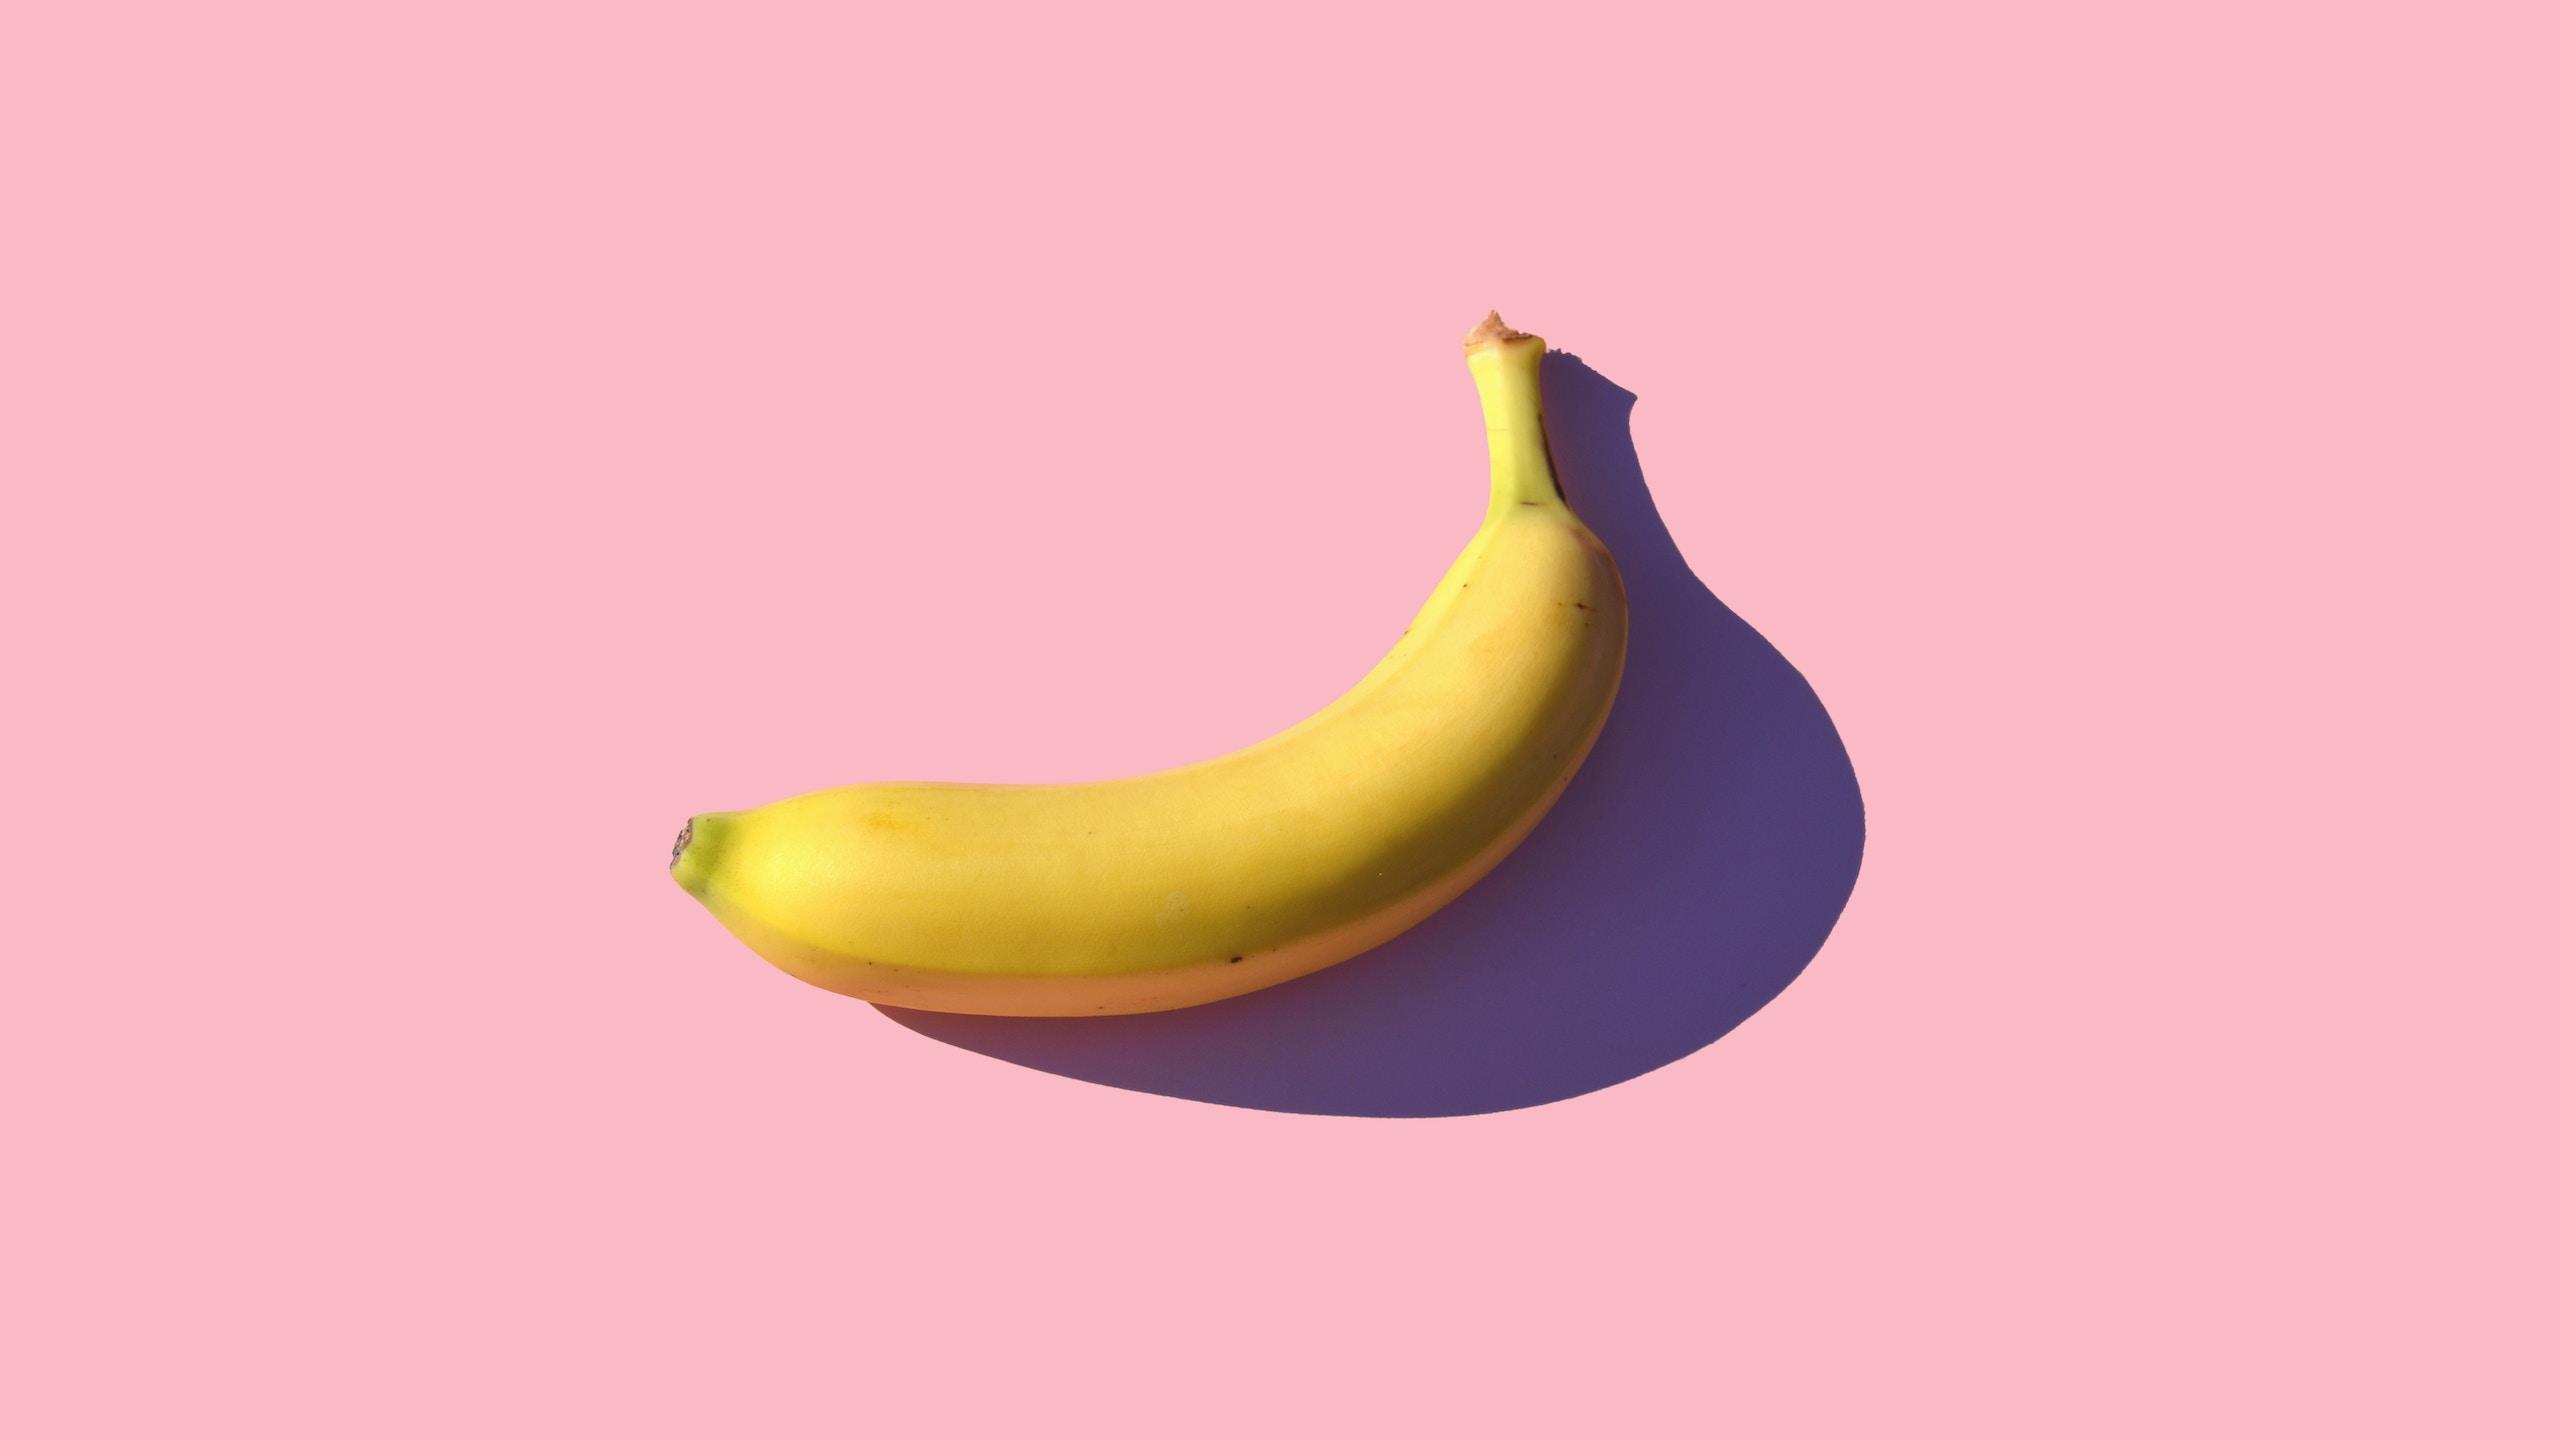 plátano extinción